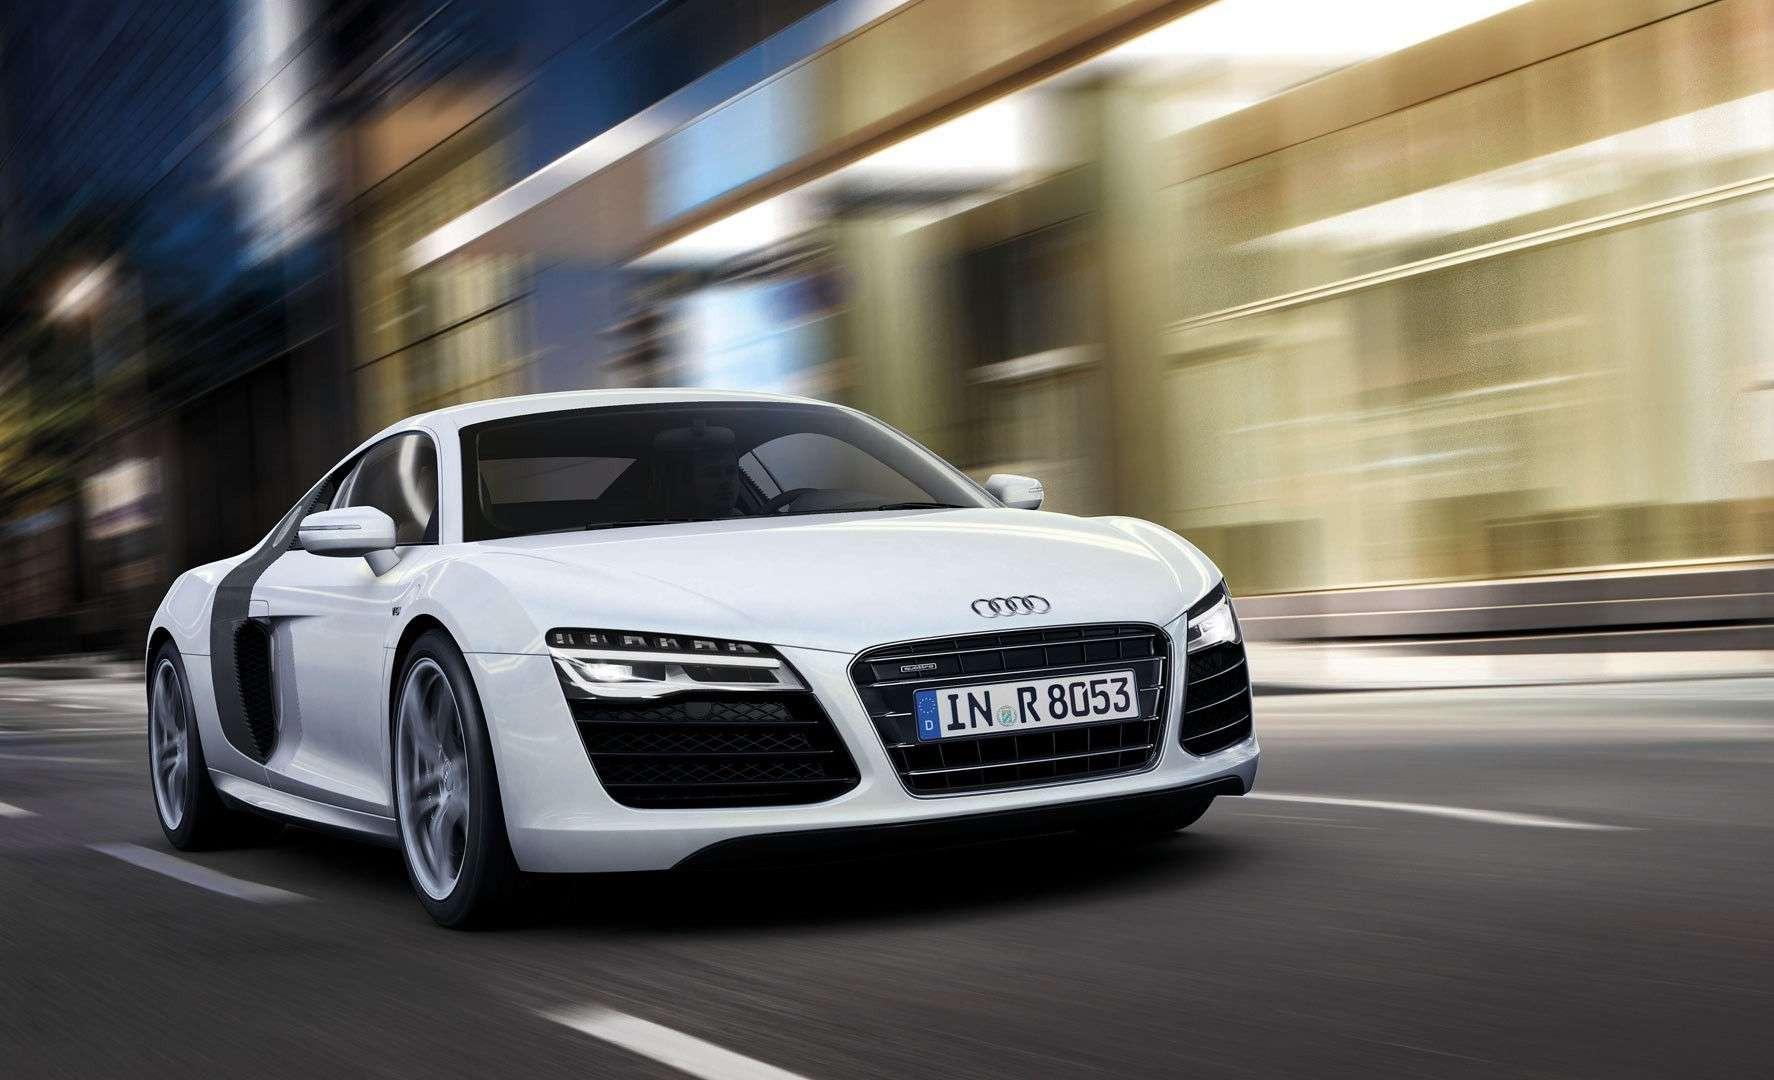 Audi R8 Wallpaper 001